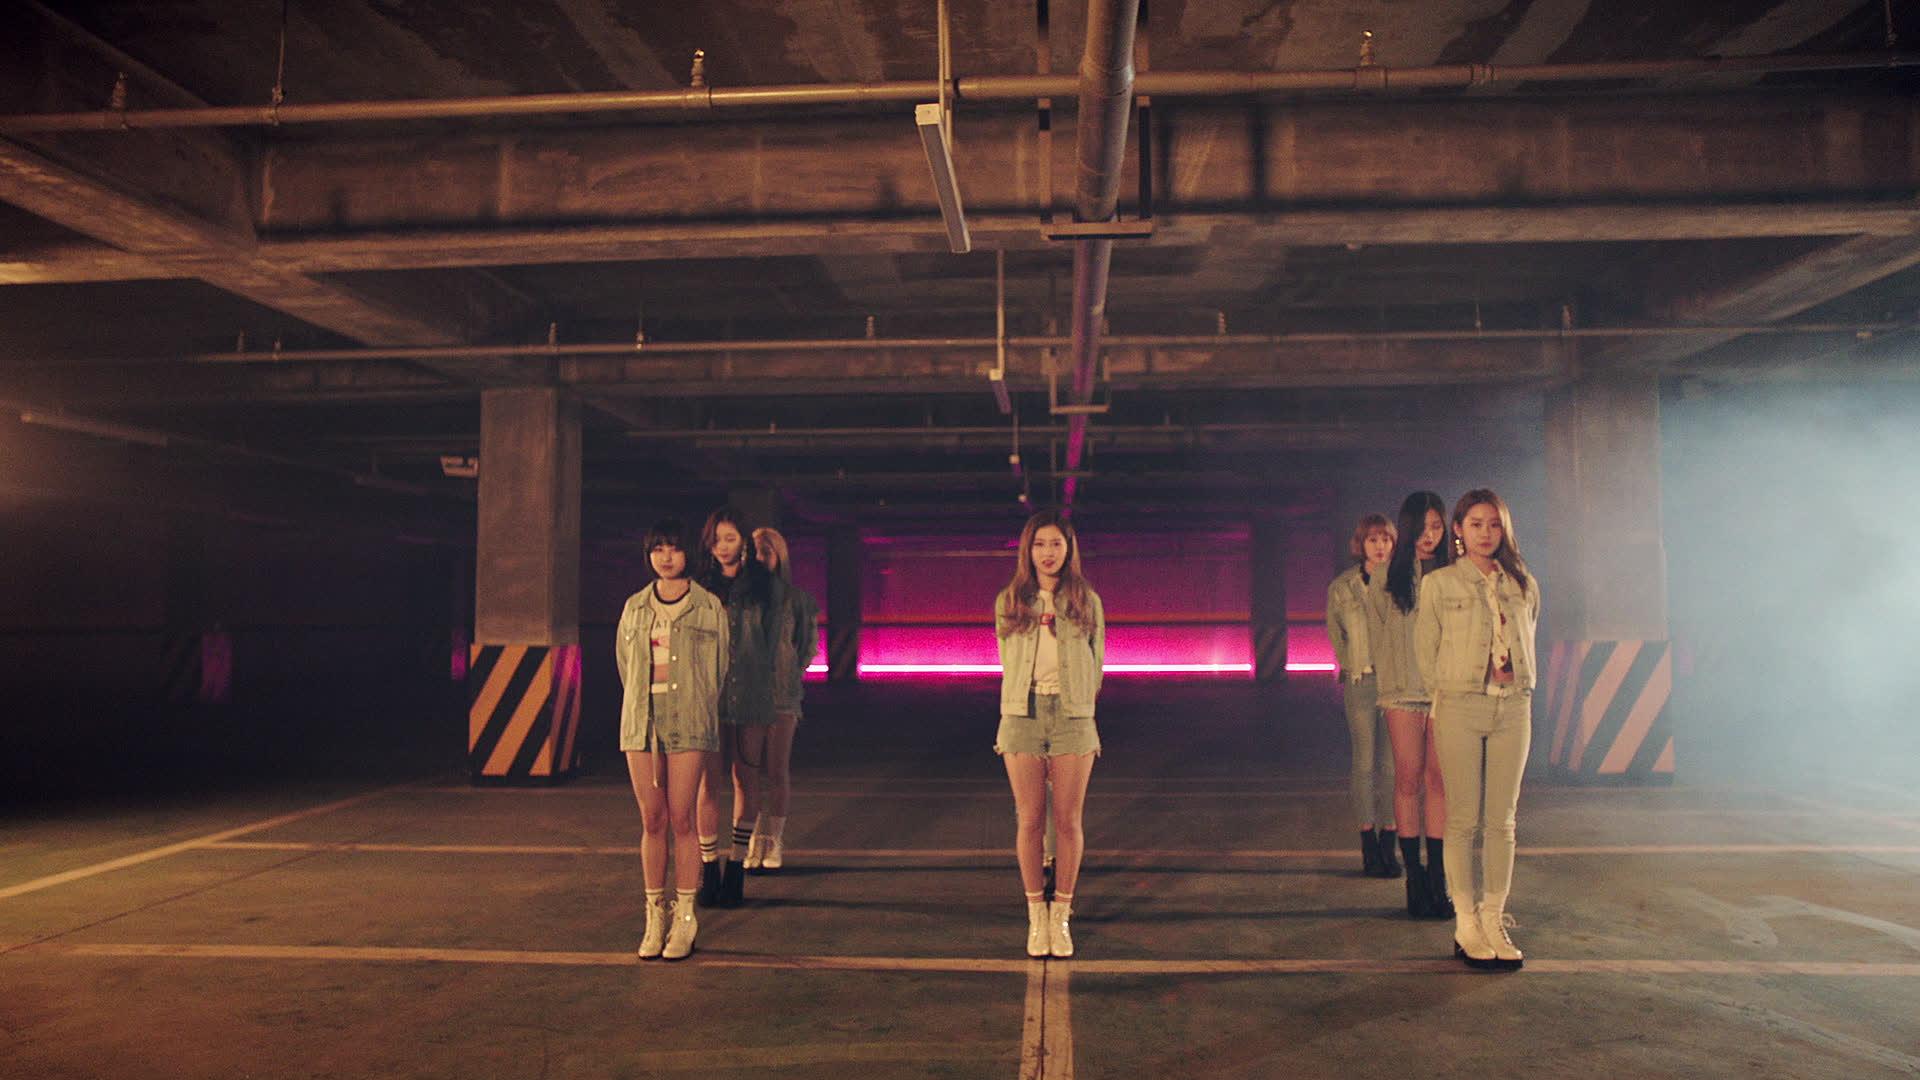 """유닛G 신곡 """"YI"""" 안무티저영상 / [UNIT G - Teaser of the new song """"YI""""]"""